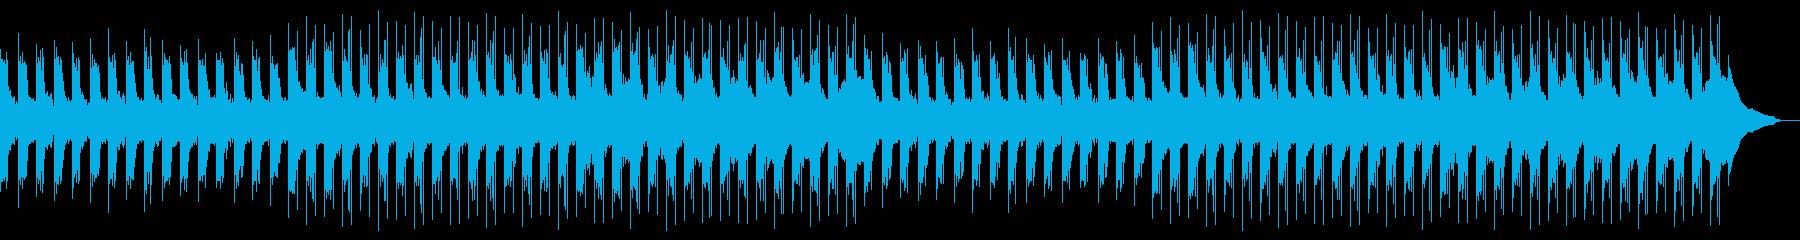 穏やかで幻想的なピアノアンビエント1の再生済みの波形